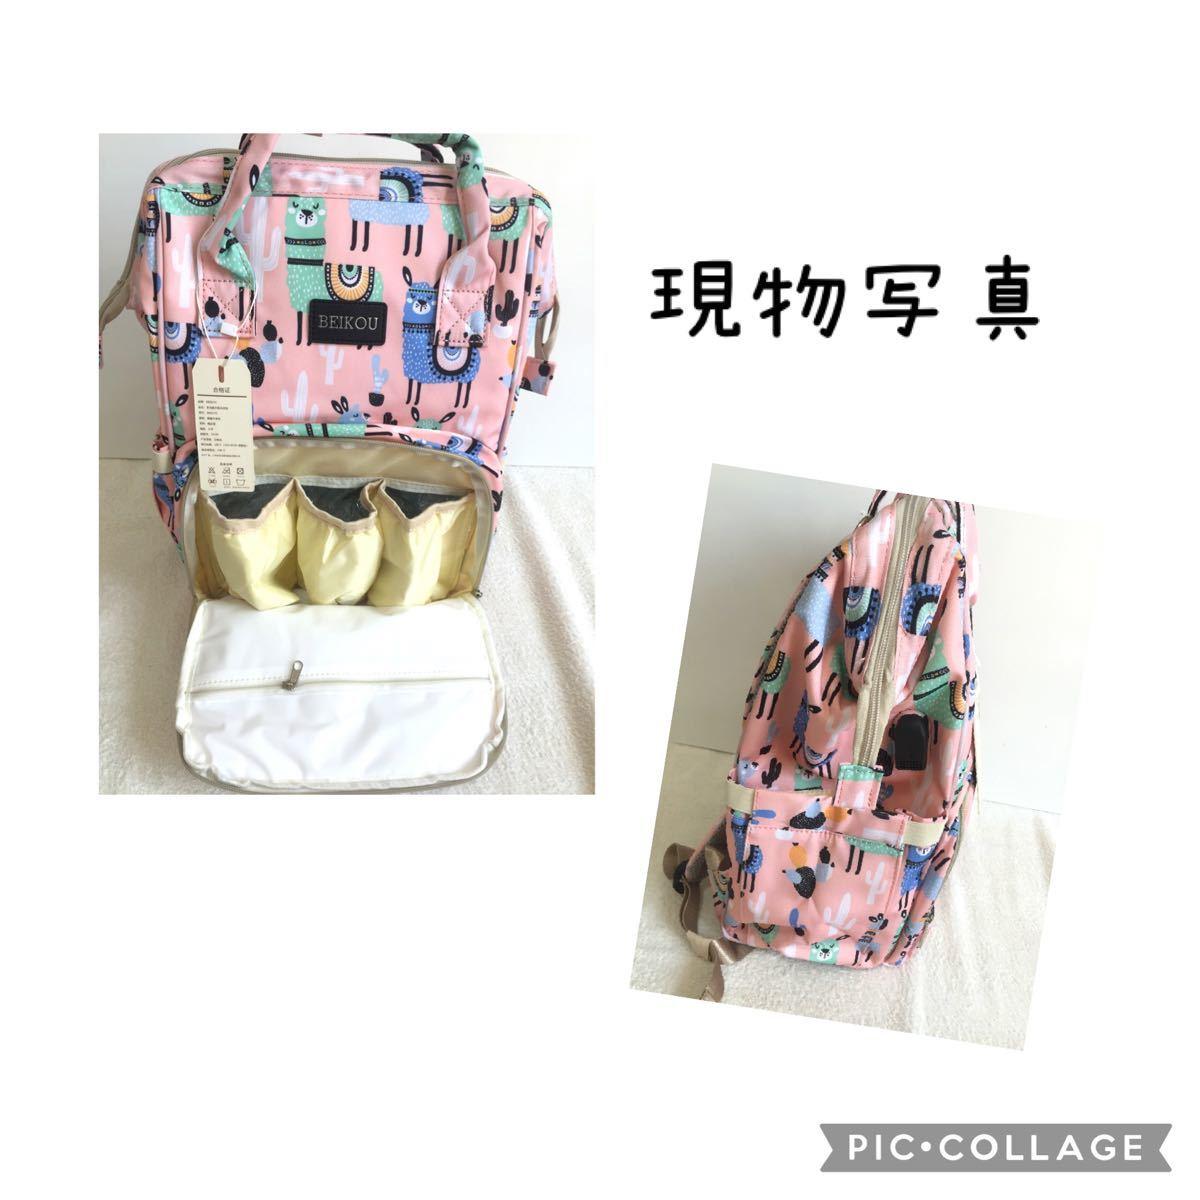 【新品】マザーズバッグ バックパック リュック ママリュック大容量 お洒落 多機能  リュックサック